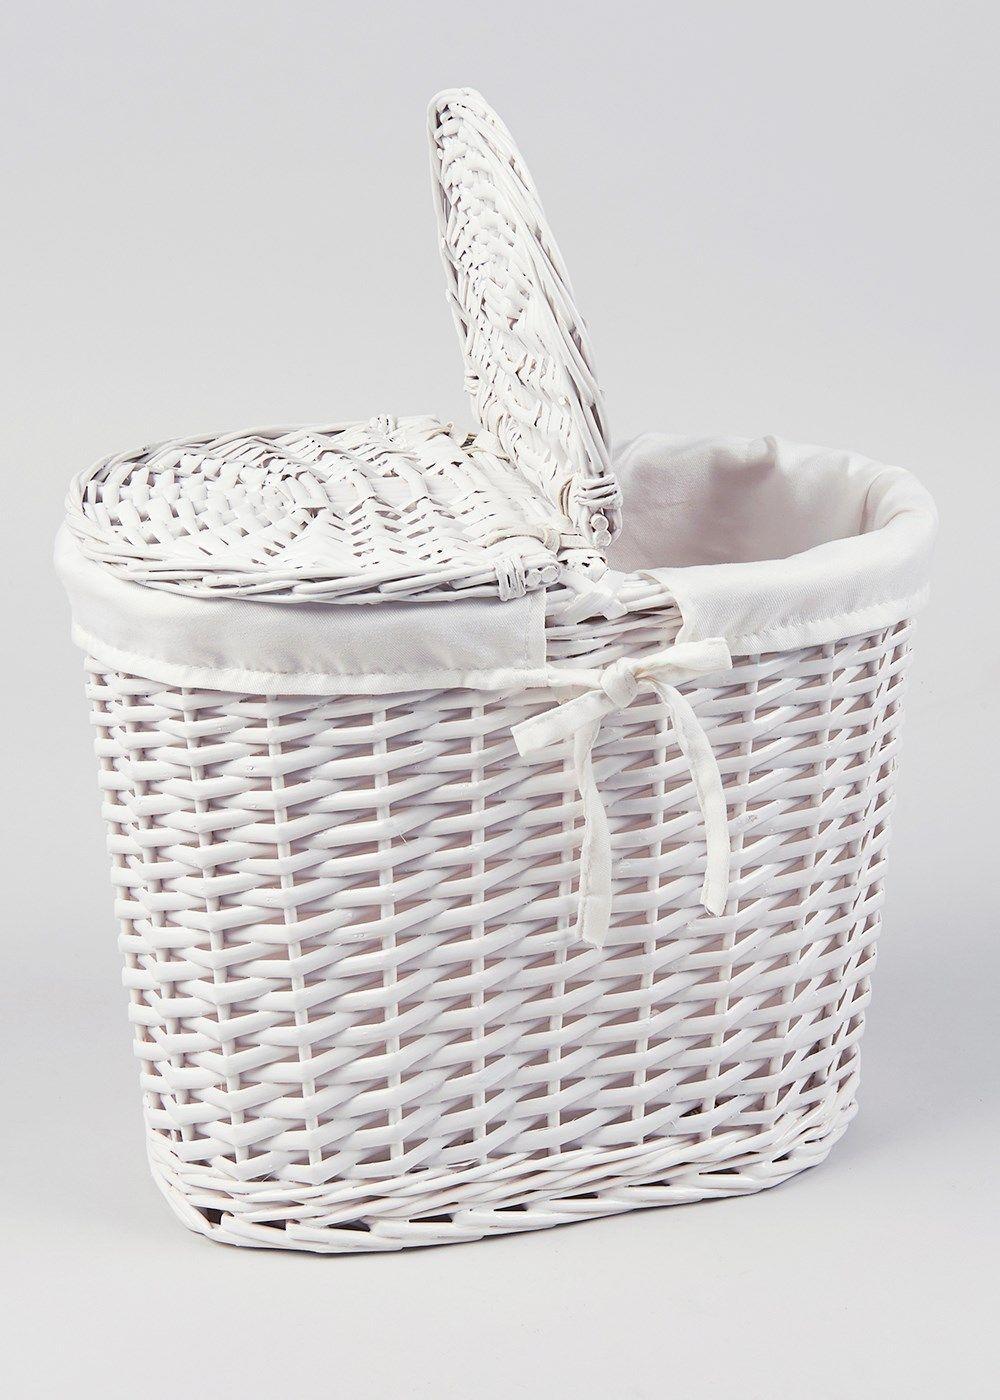 Wicker Toilet Roll Storage Basket 19cm X 33cm X 30cm with regard to dimensions 1000 X 1400